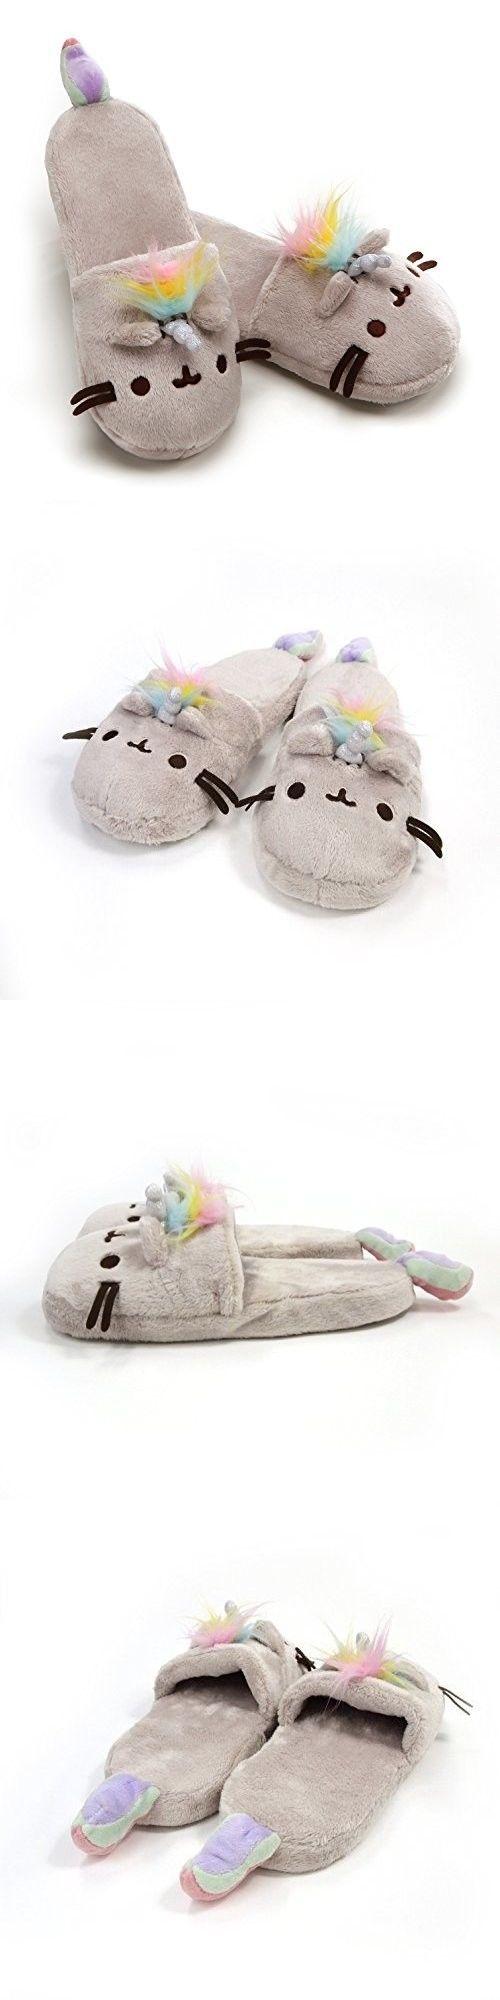 773757c5149 Gund 2598  Gund Pusheenicorn Pusheen Unicorn Cat Plush Stuffed Animal  Slippers